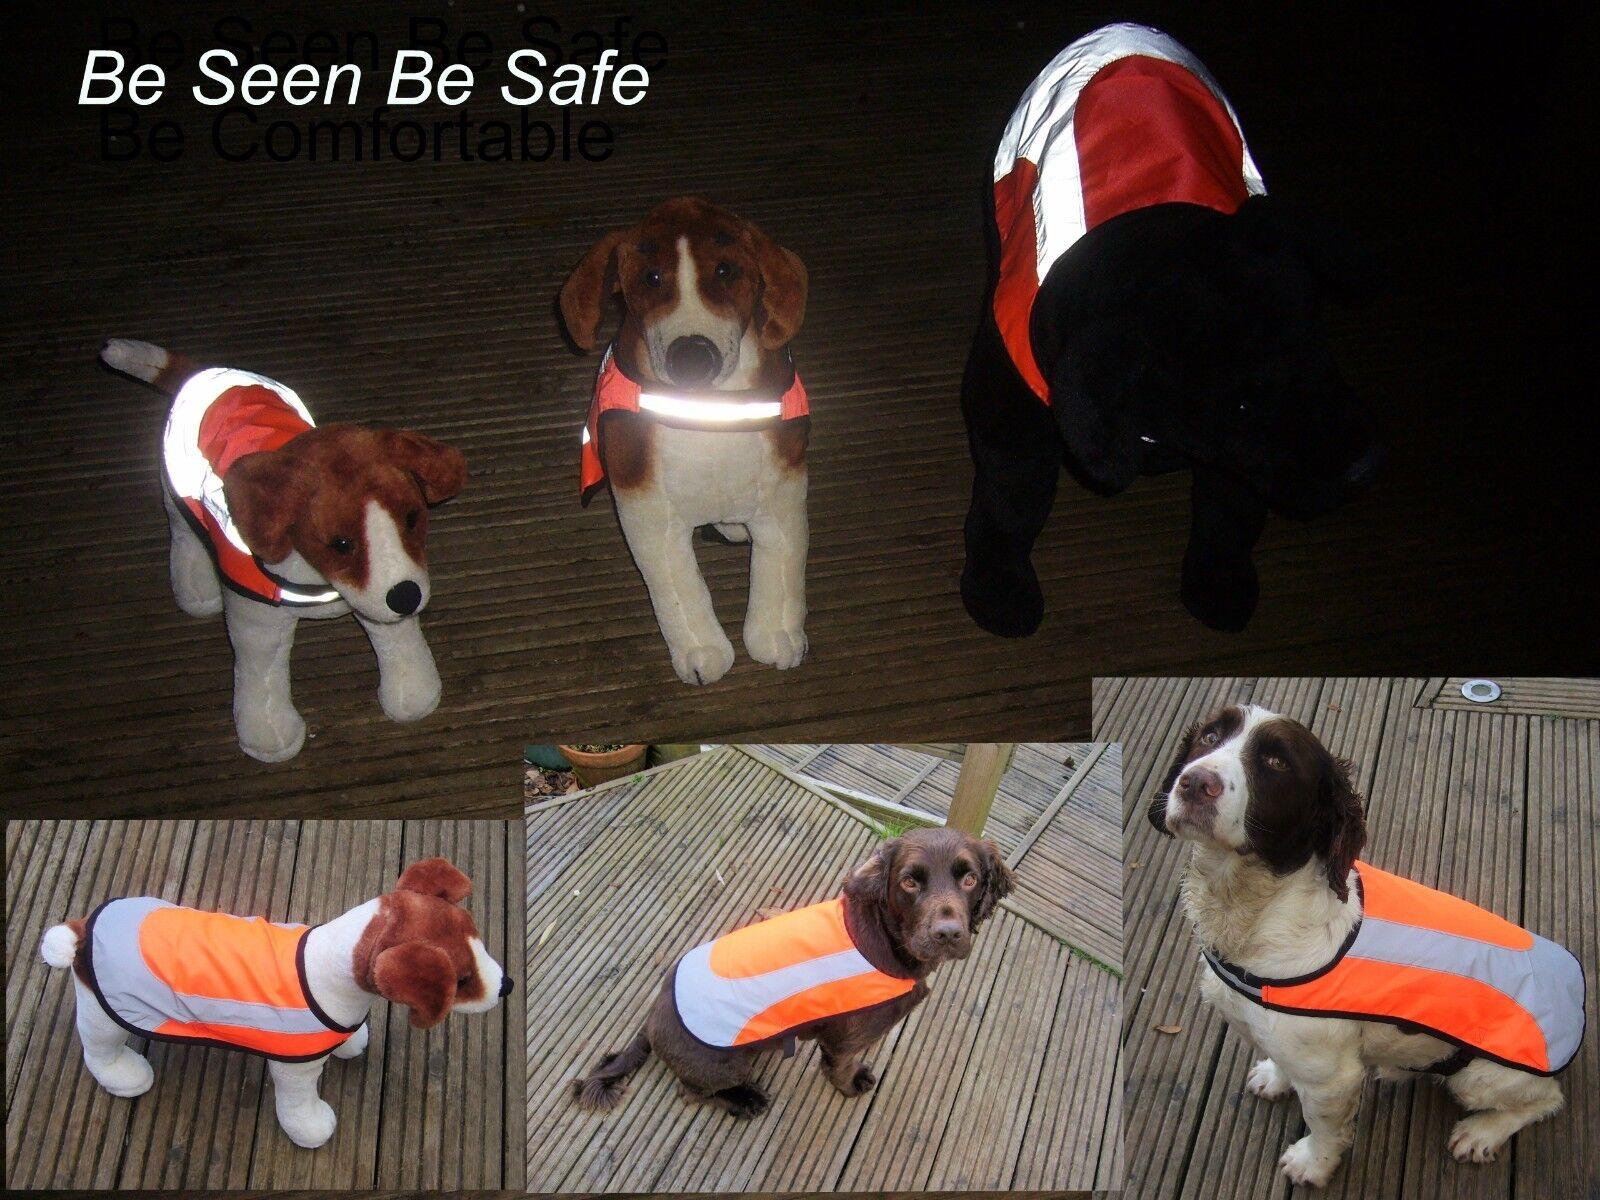 Hi Vis Reflective Lined Waterproof Rosewood Hi Viz Safety Dog Vest Coat Jacket